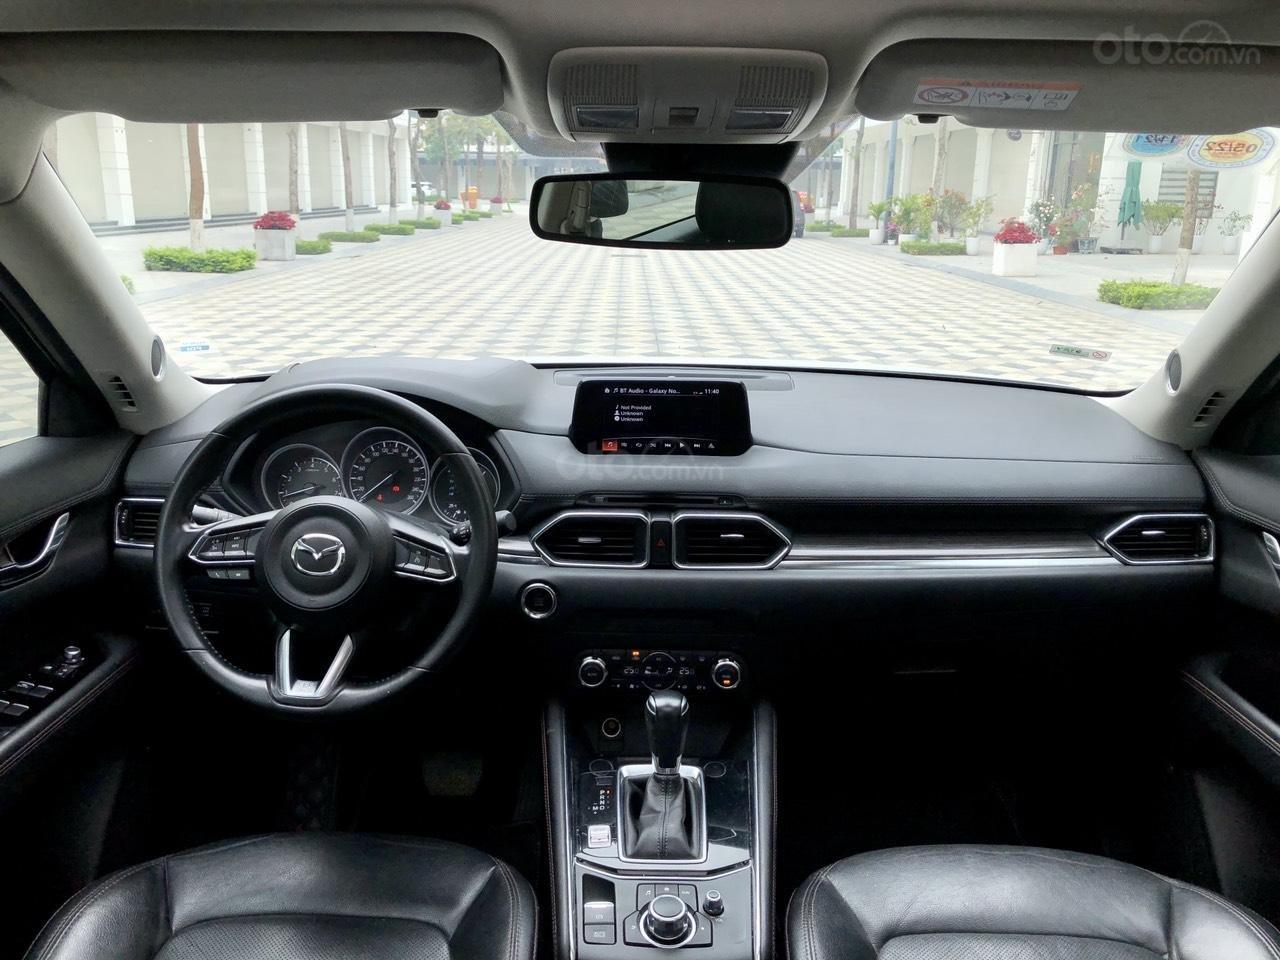 [Hot] bán nhanh Mazda CX5 2.5 đời 2018 màu trắng, xe 1 chủ từ đầu biển HN, xe đẹp không 1 lỗi nhỏ (11)